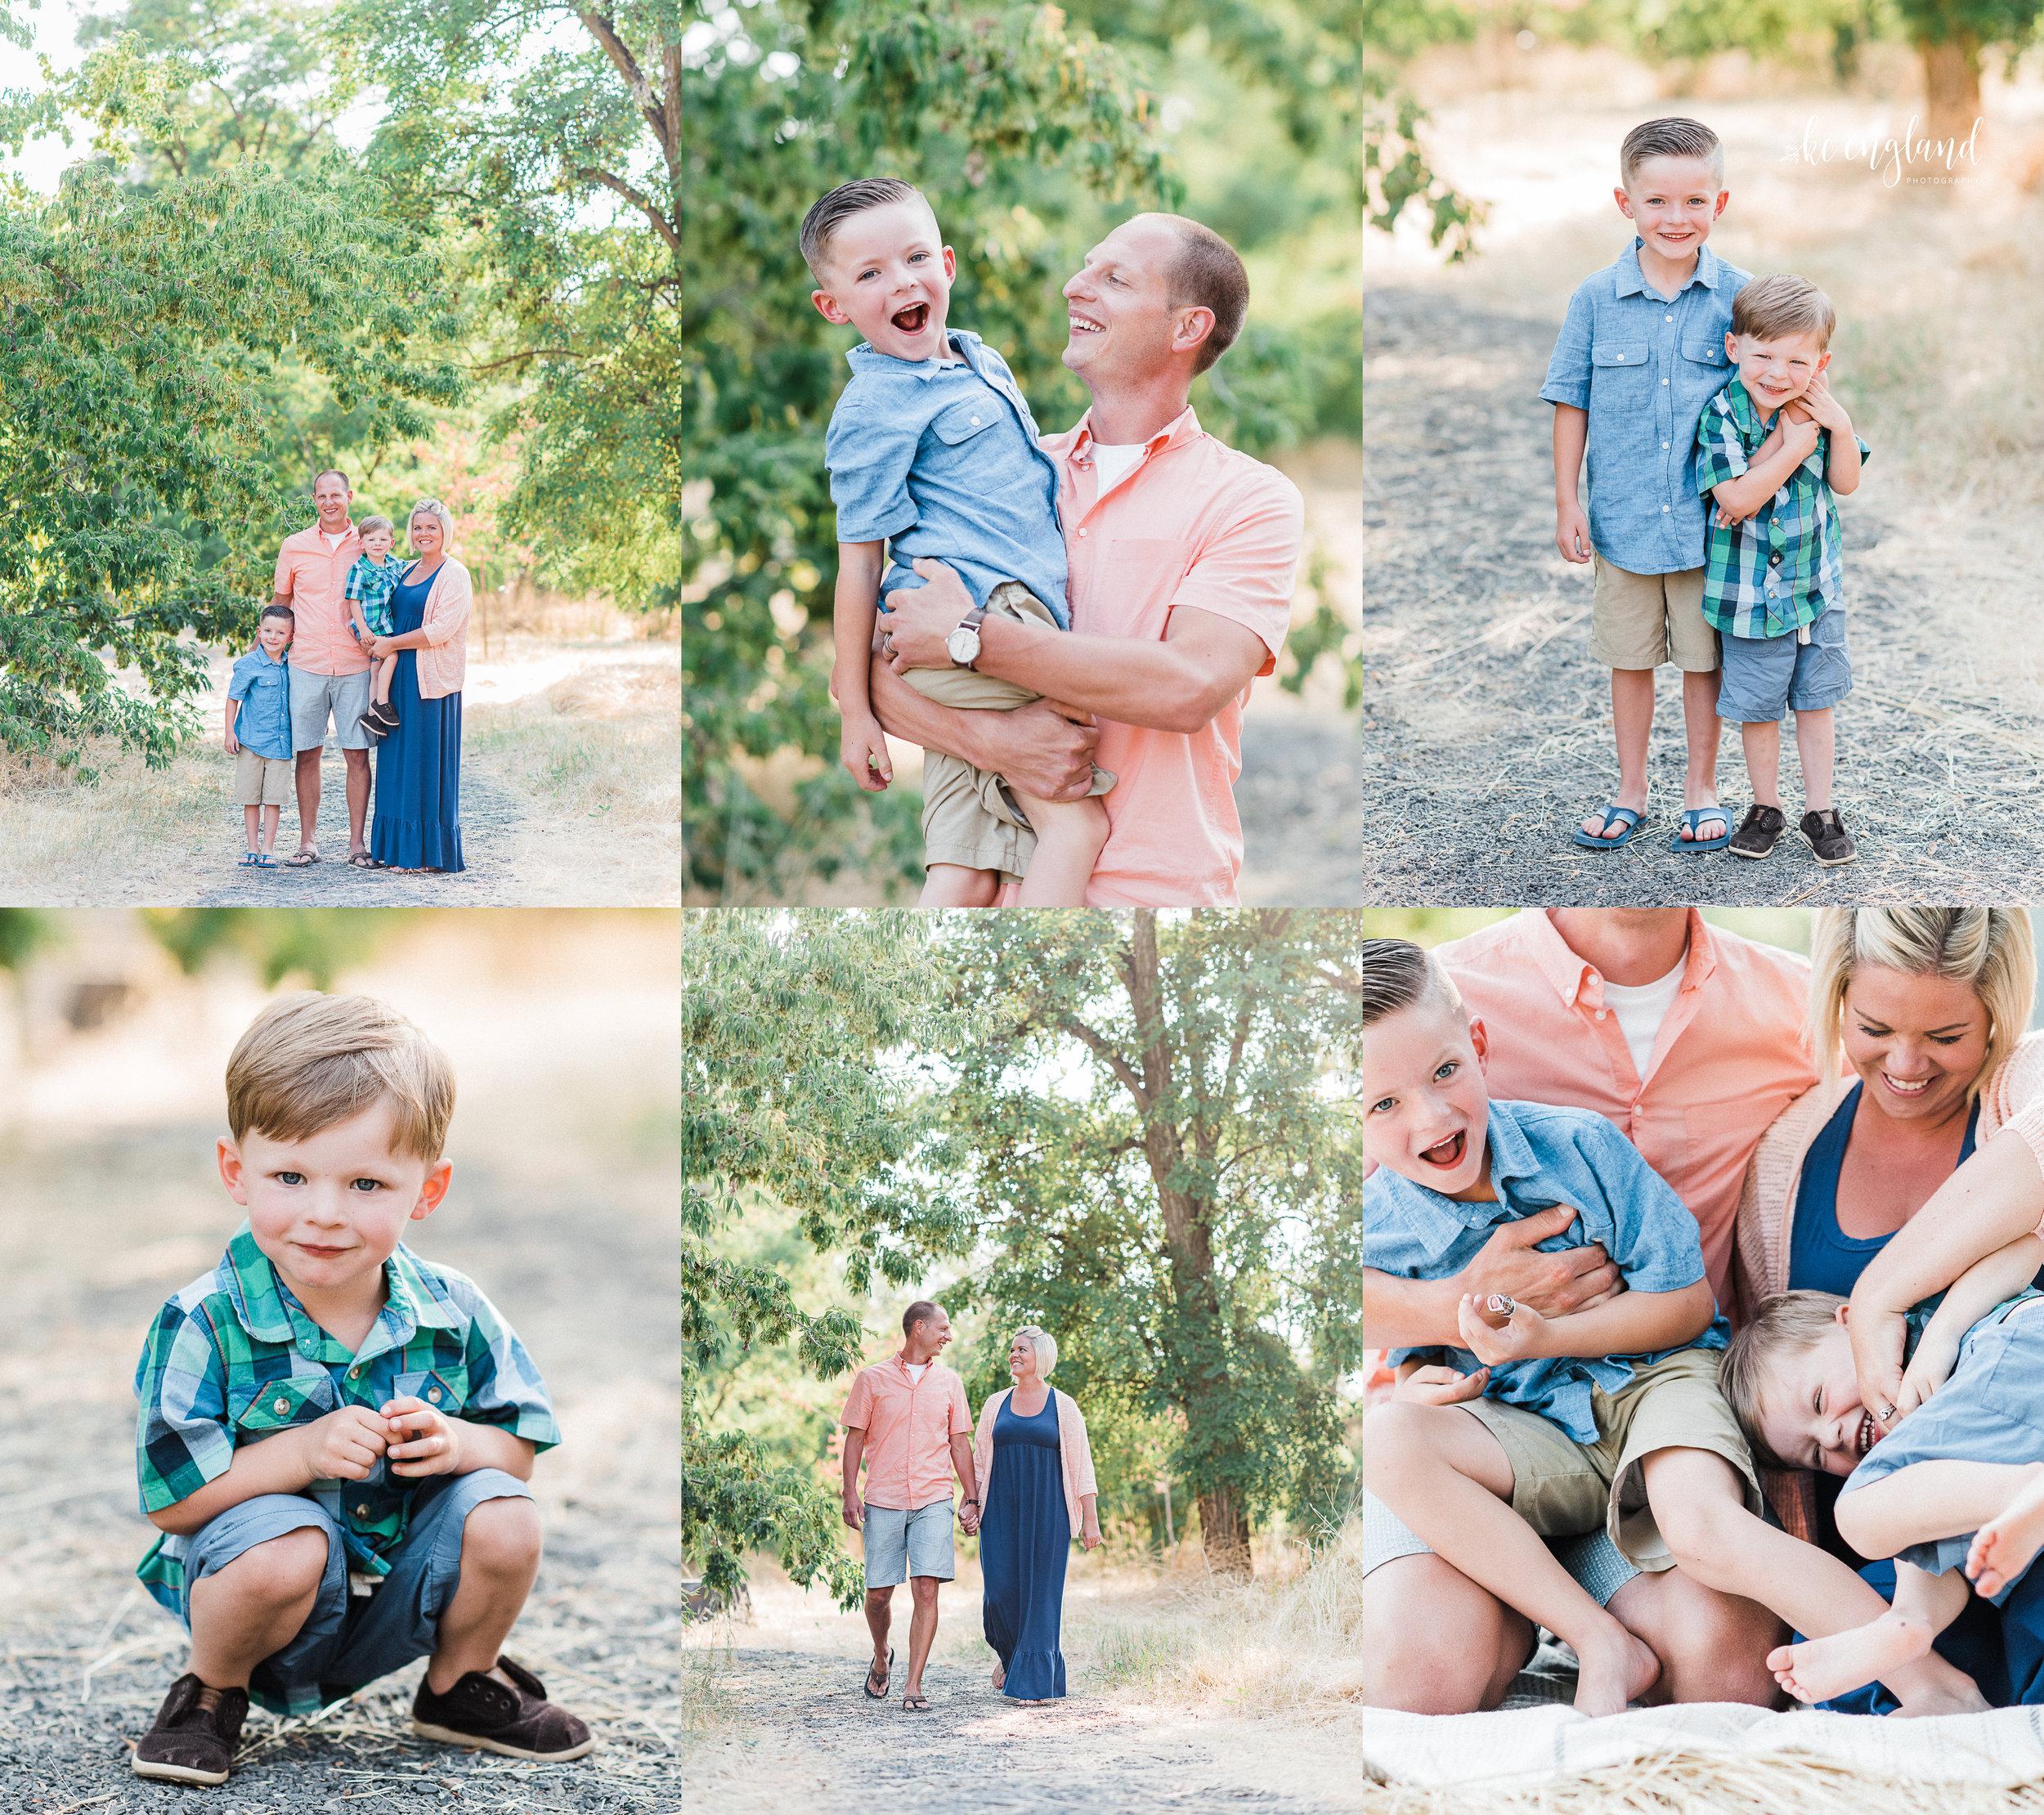 www.kcengland.com / Spokane, WA family photographer